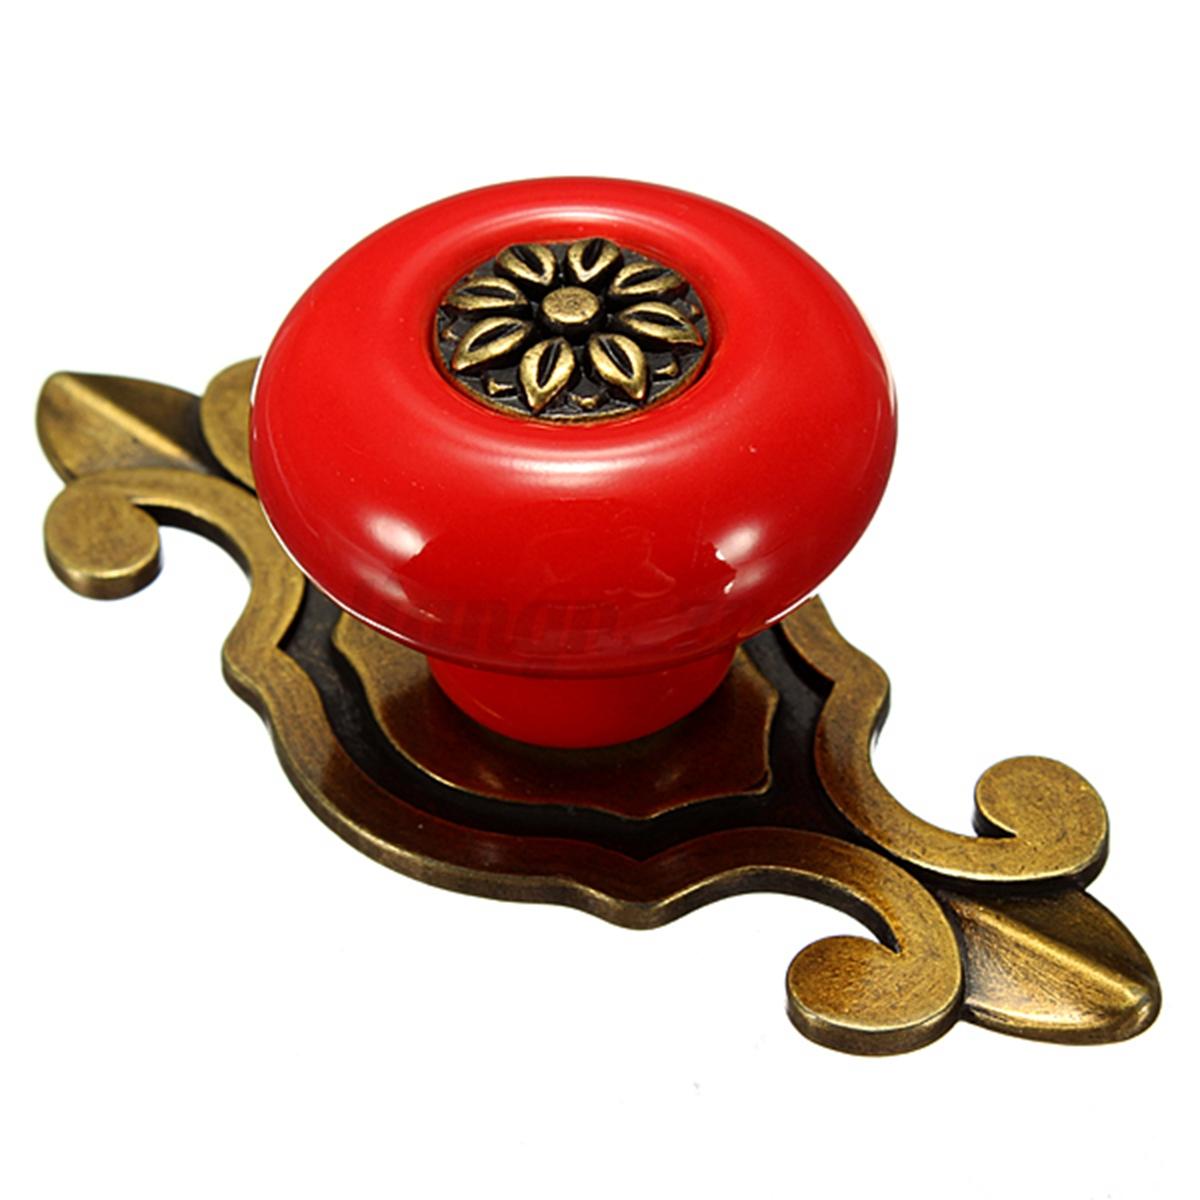 Boutons tiroir poign e de porte meuble armoire placard - Poignee de porte ceramique ...